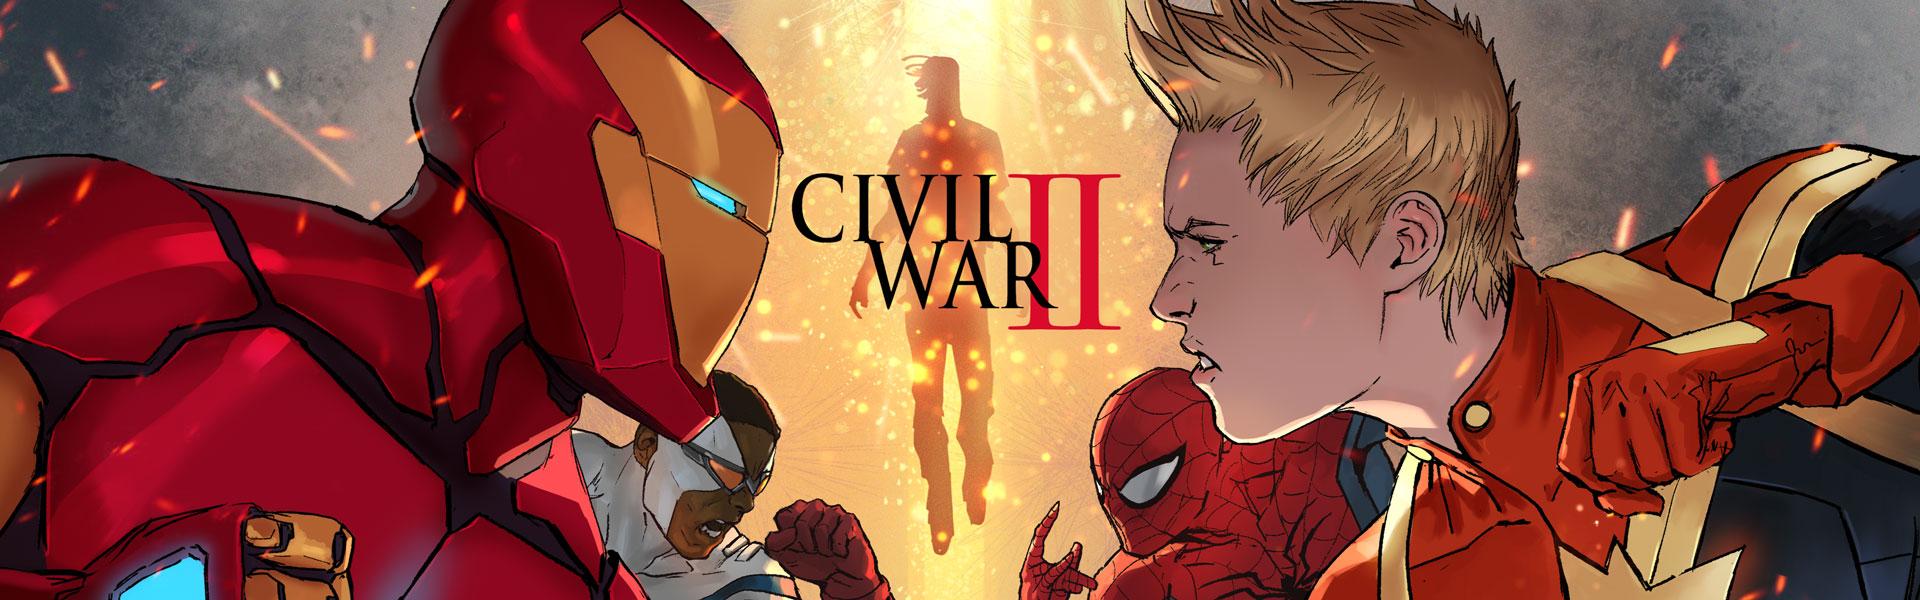 Civil War 2 : les premiers détails du comics à venir